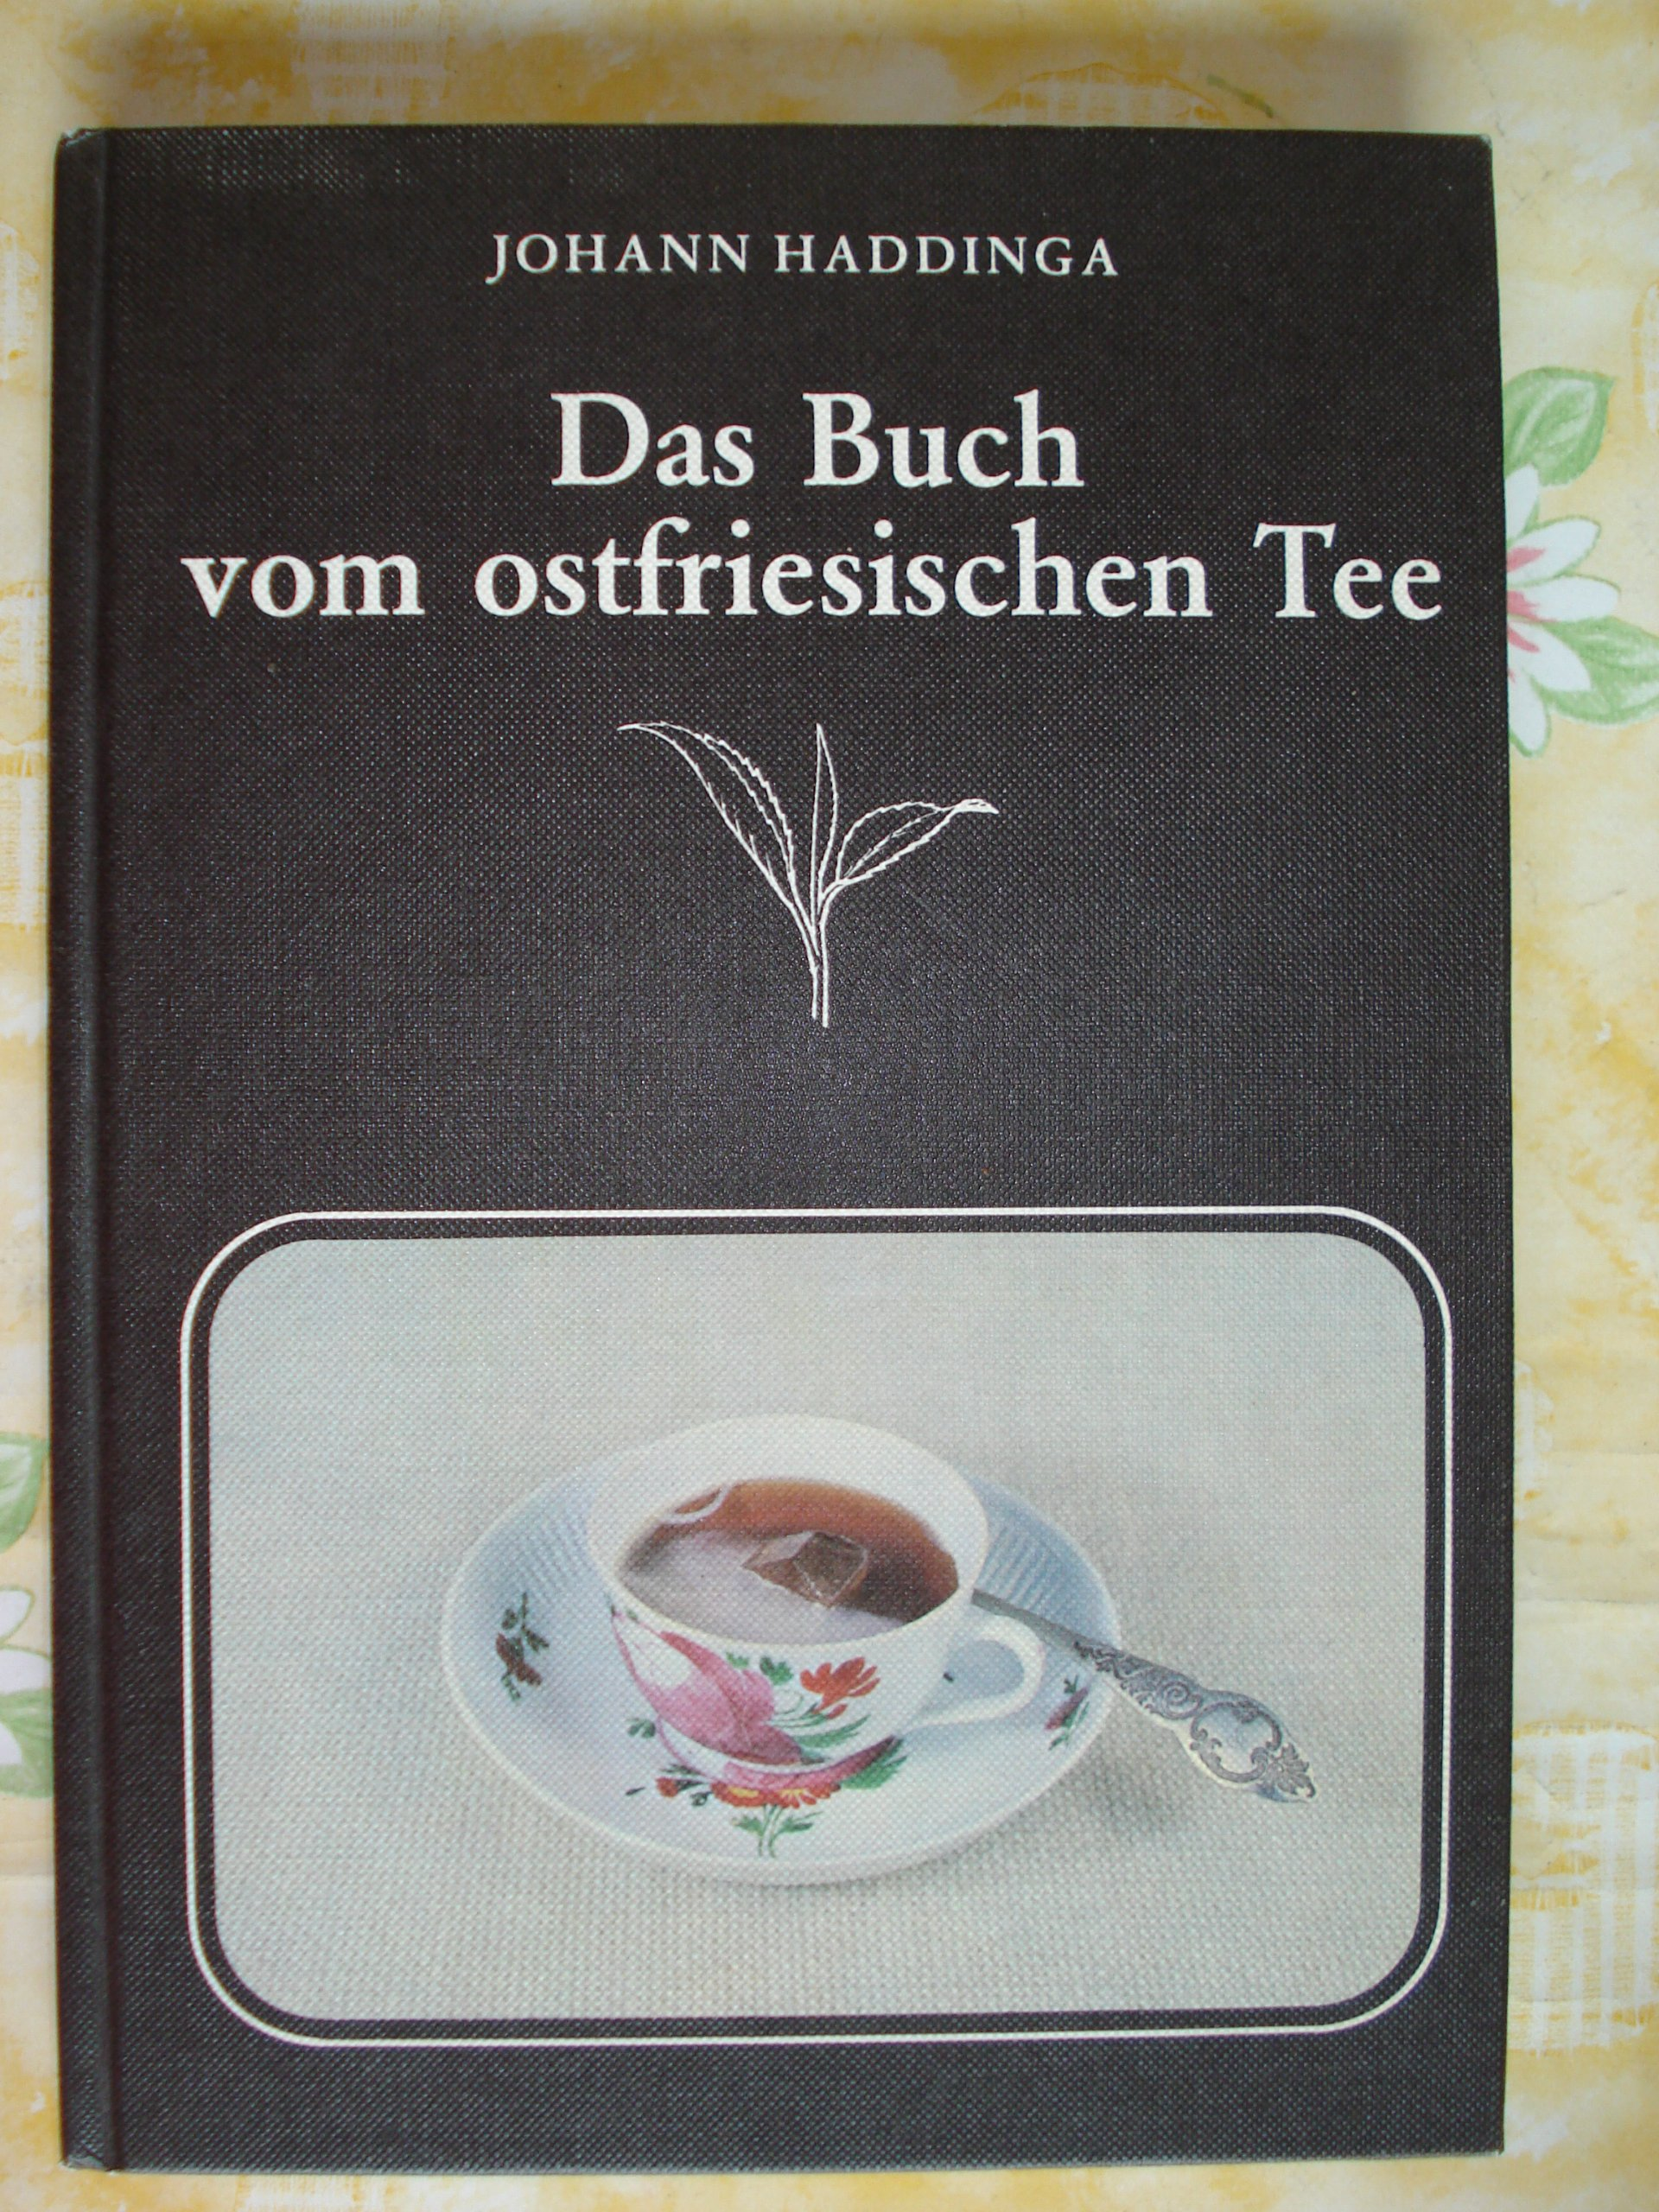 Das Buch vom ostfriesischen Tee Gebundenes Buch – 1977 Johann Haddinga Schuster Leer 3796301169